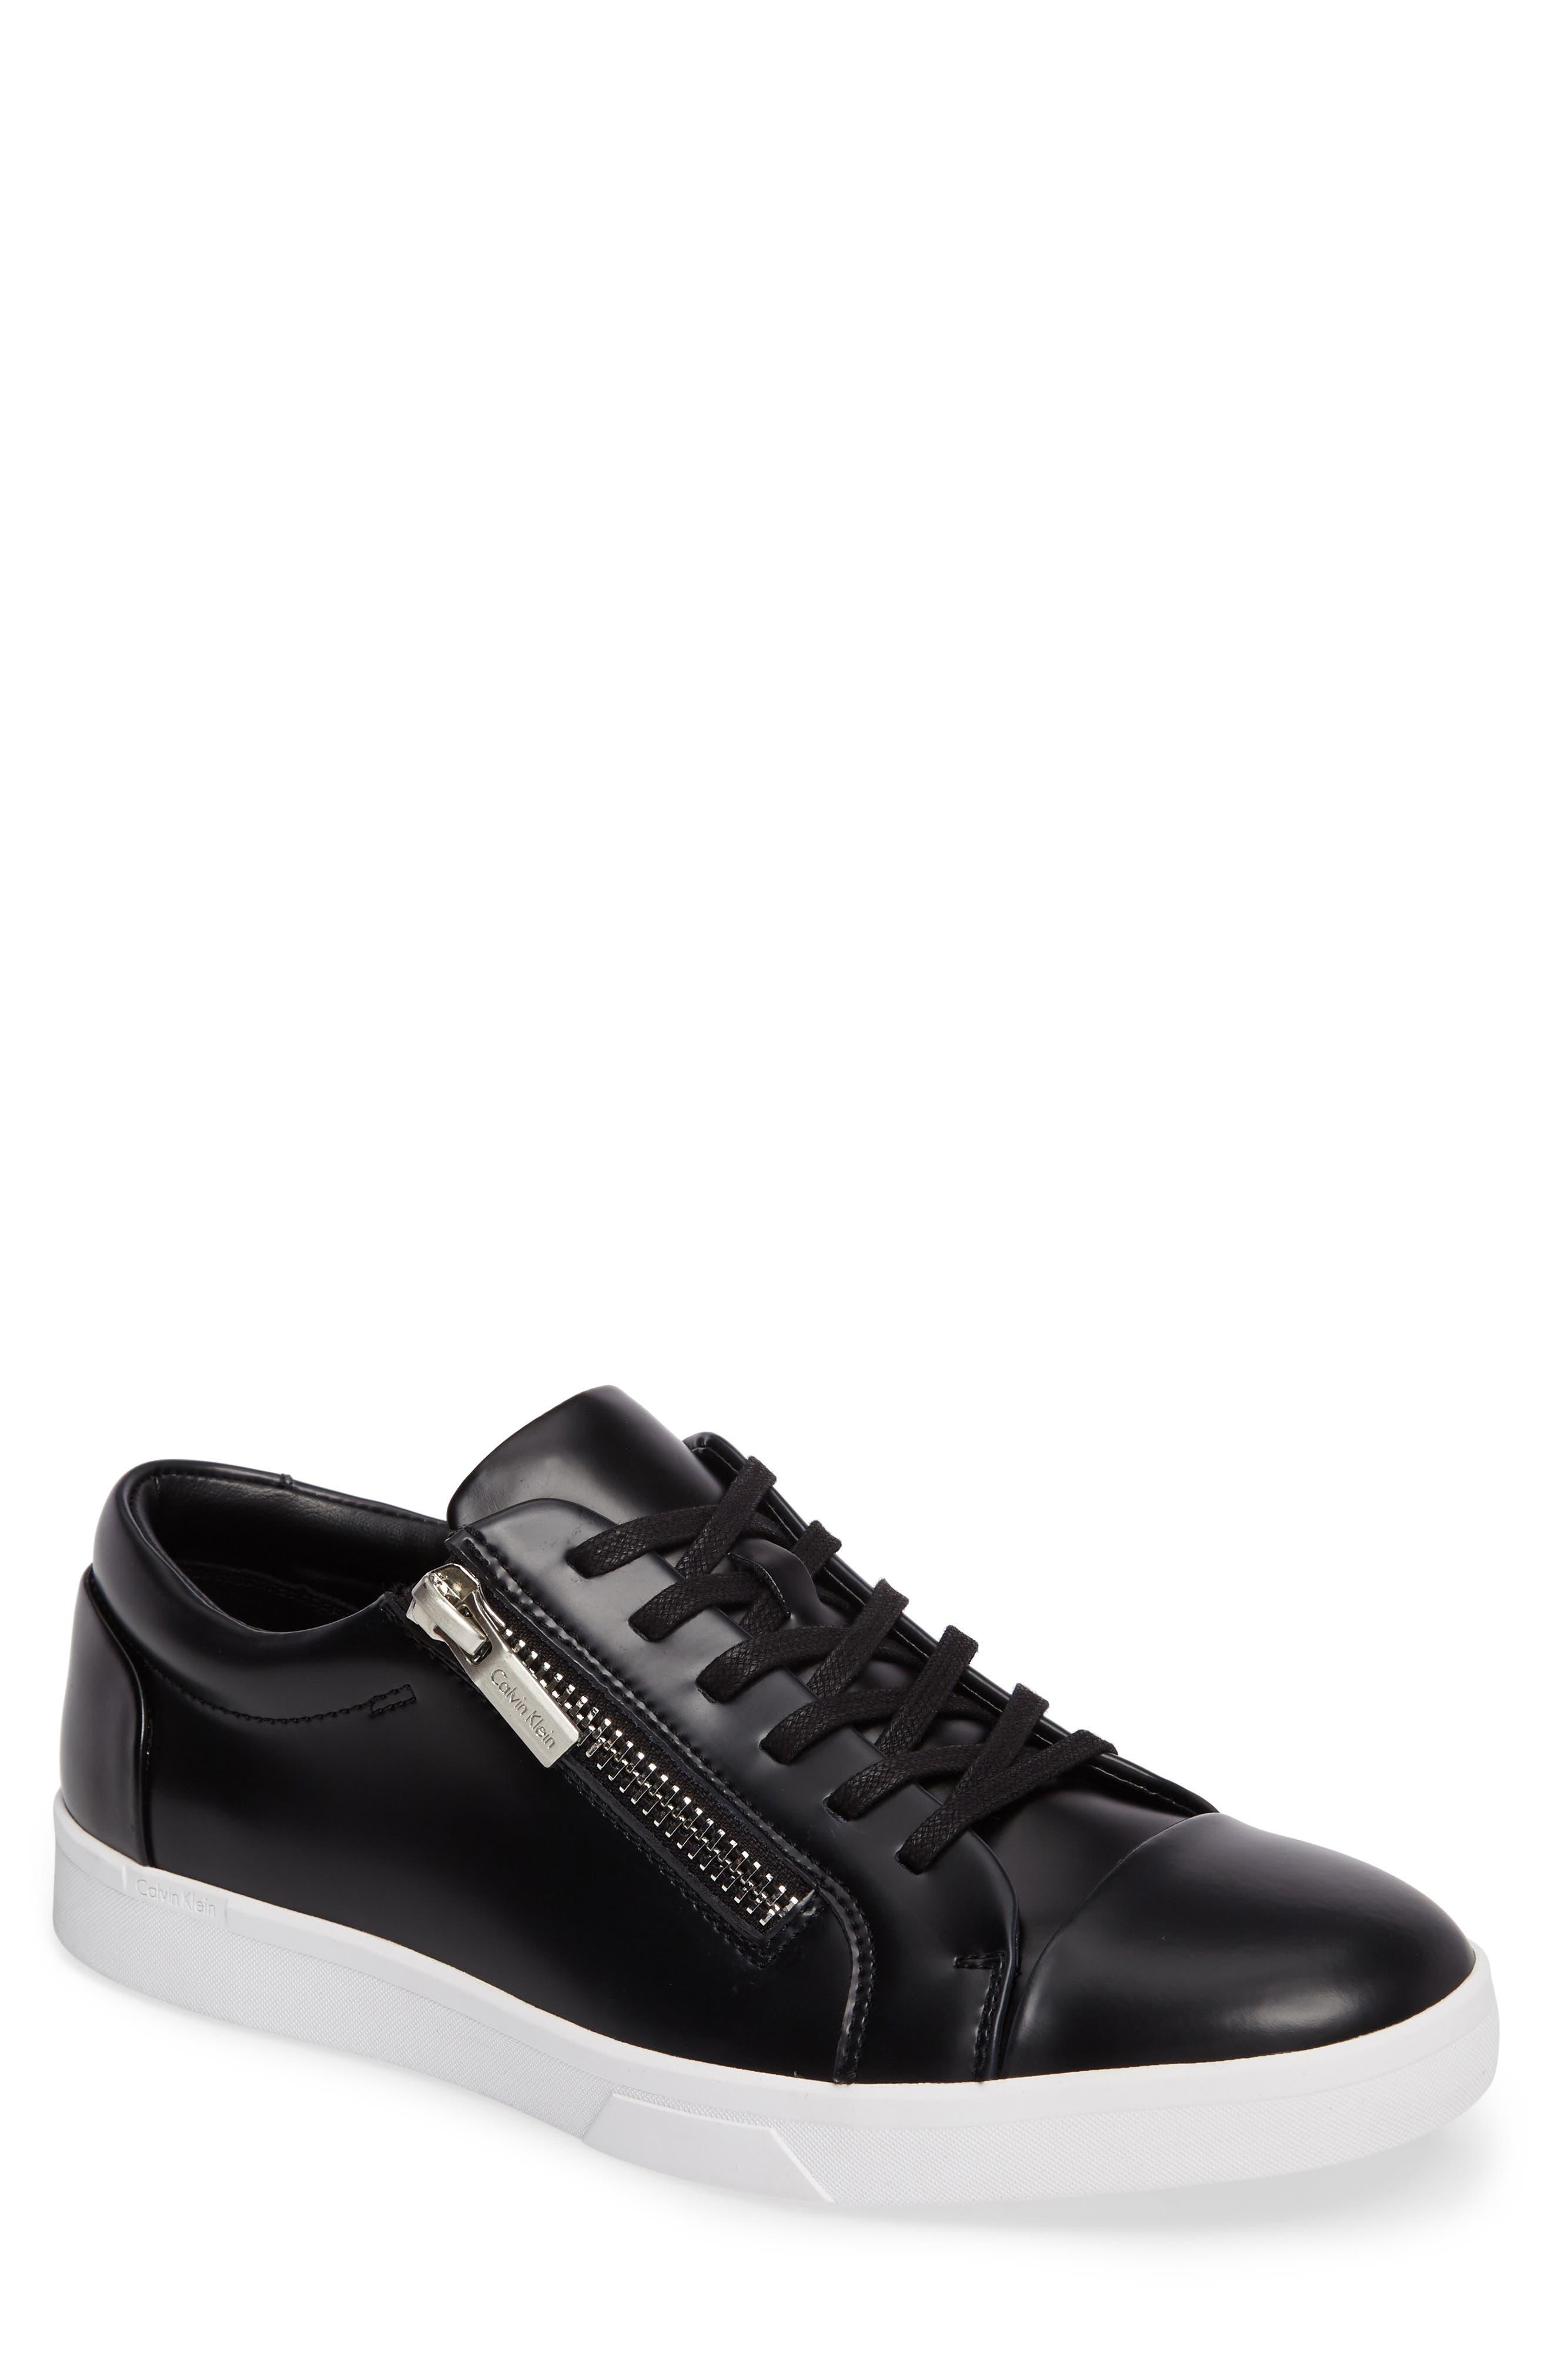 Ibrahim Cap-Toe Zip Sneaker,                         Main,                         color, Black Leather